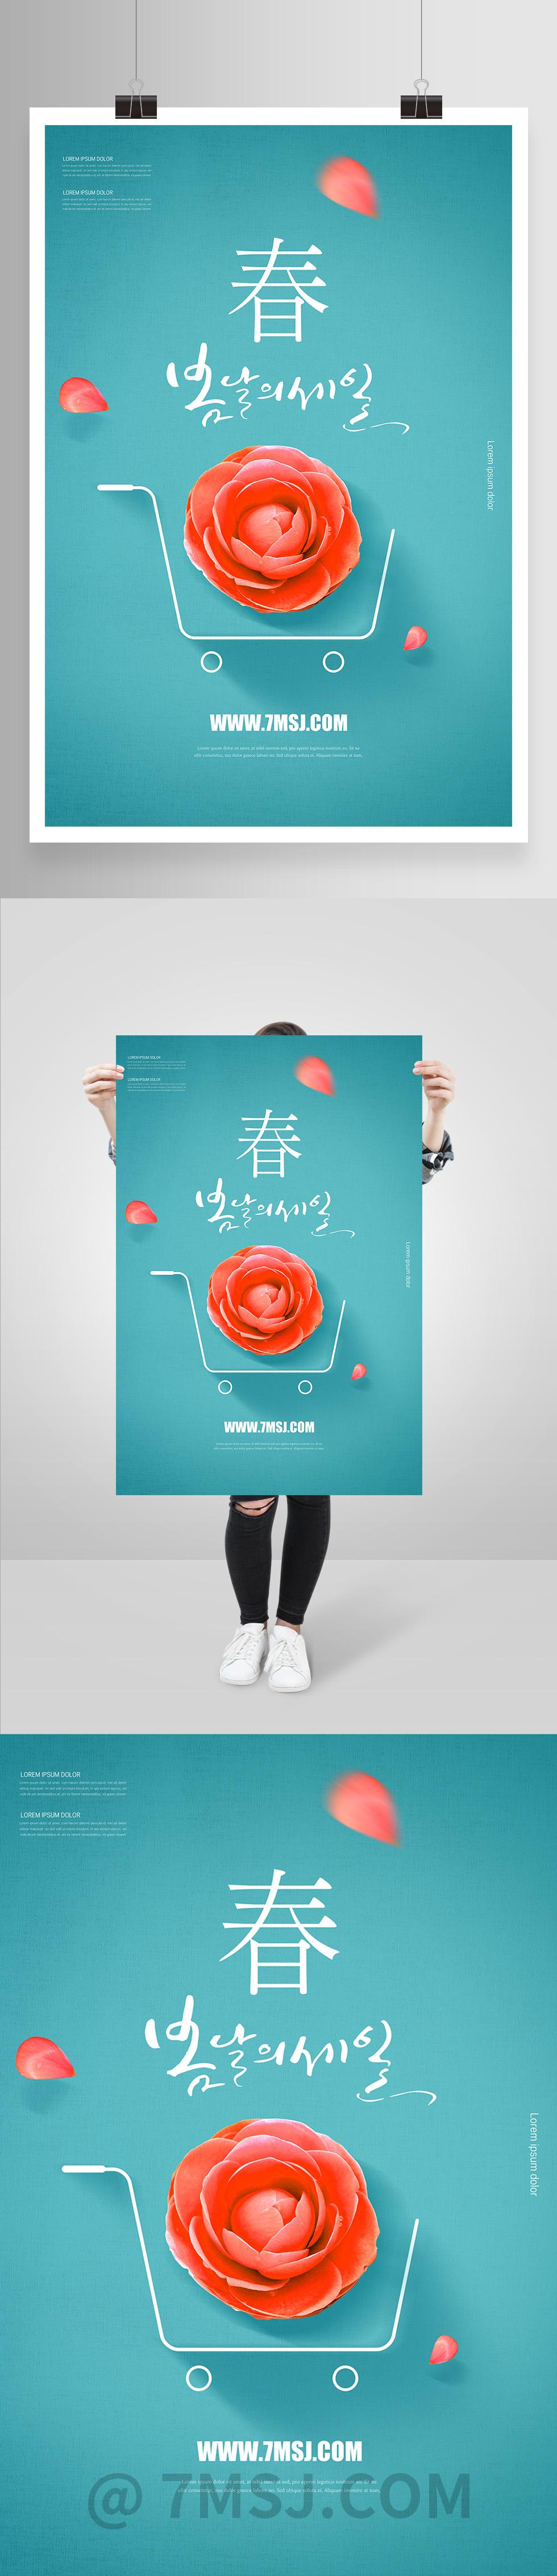 简约春季玫瑰购物车优惠促销海报 Shopping cart promotions